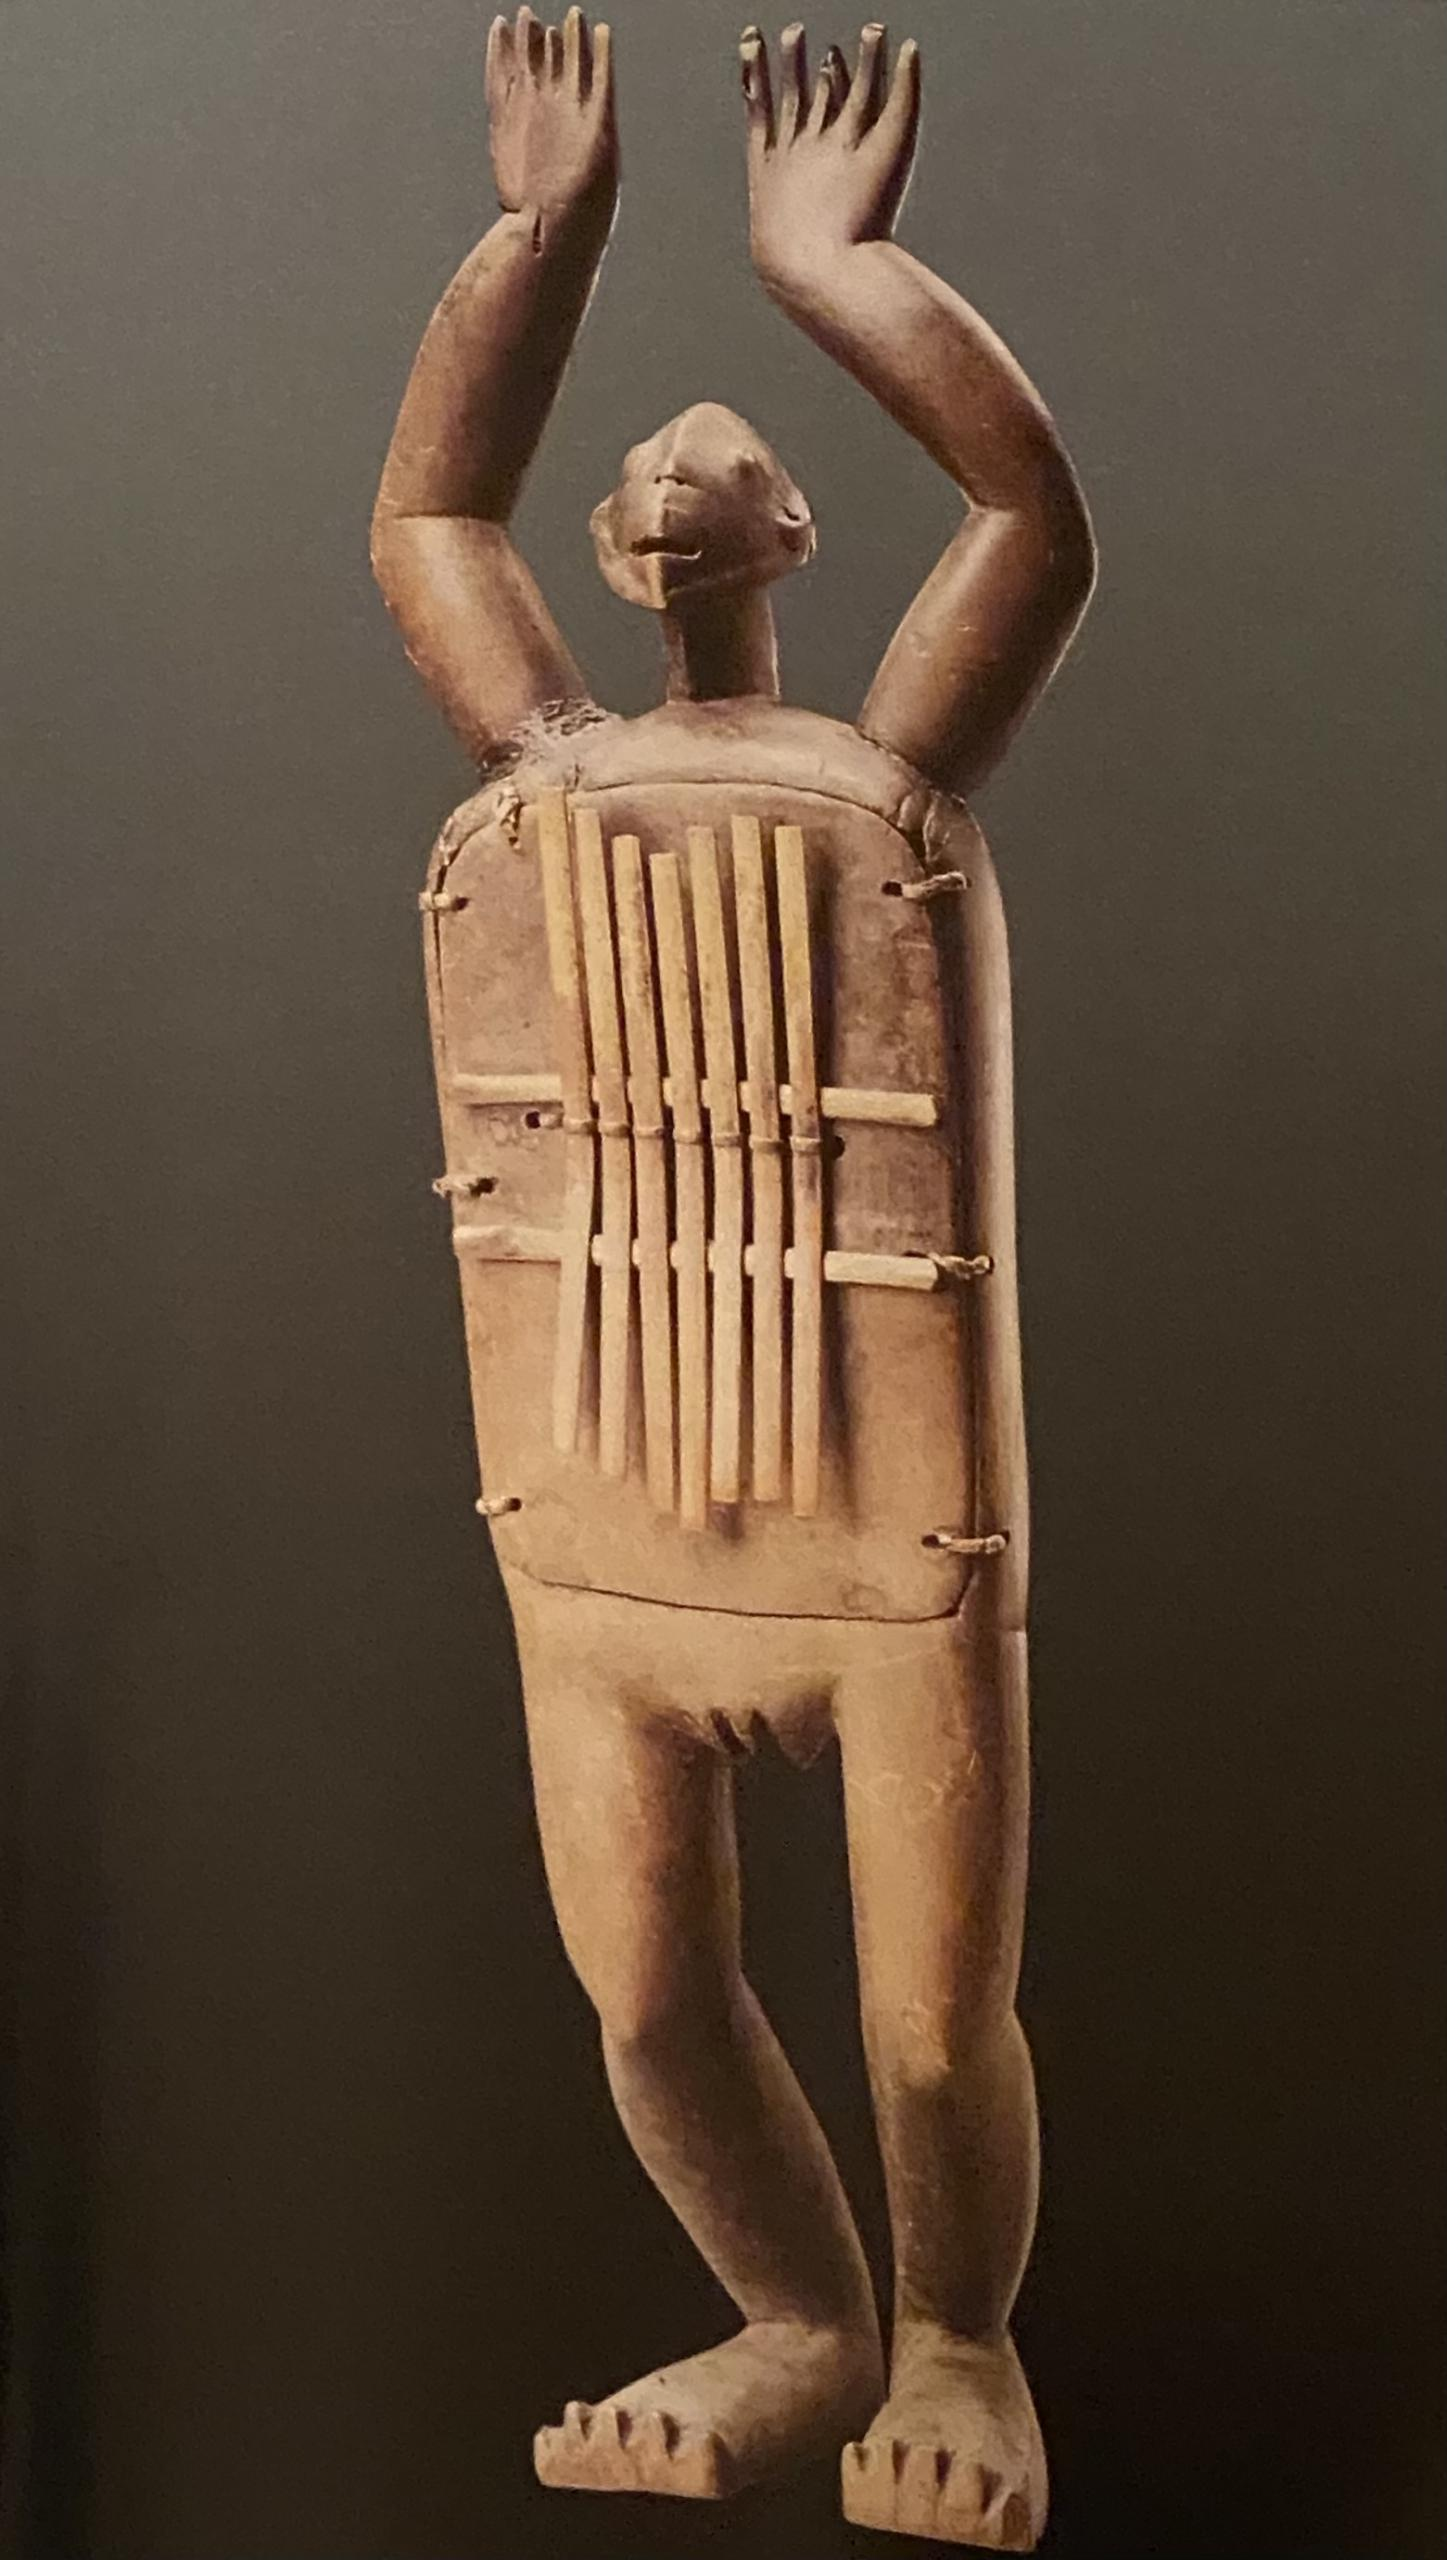 Magazine Art Tribal n°09, automne 2005 | Instrument de musique art tribal | Editions D, Frédéric Dawance